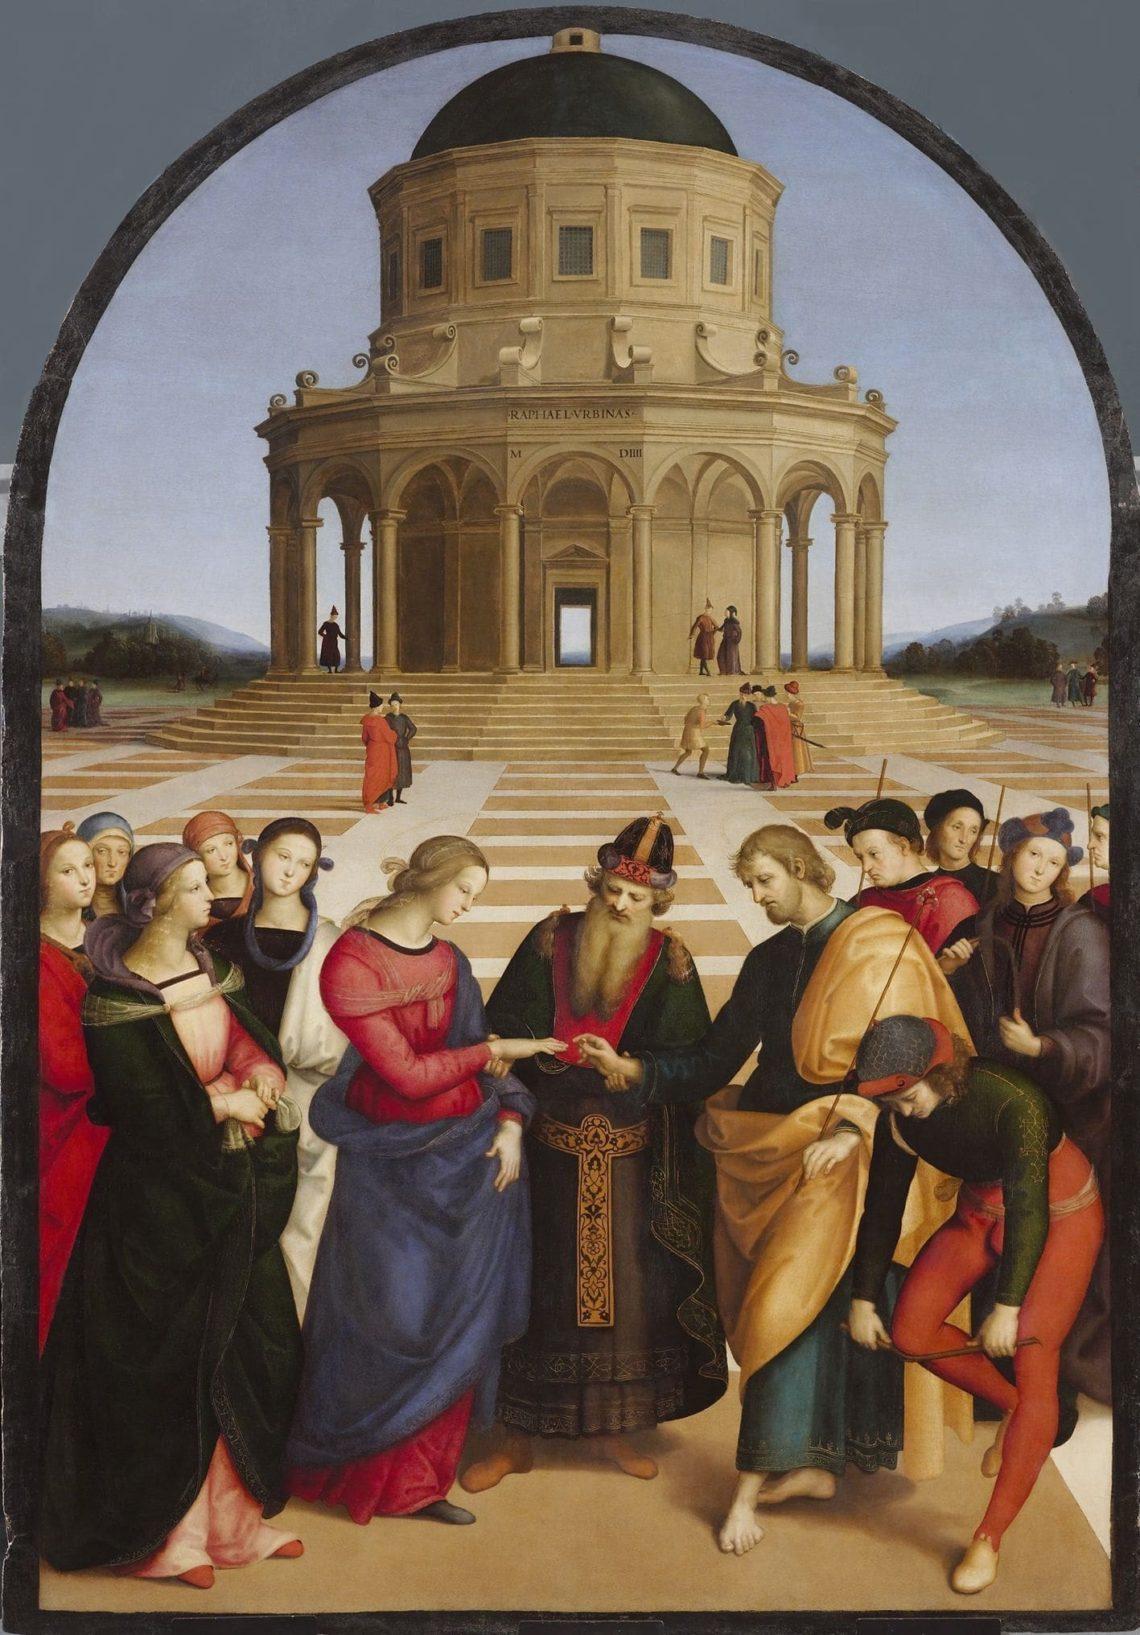 Casamento da Virgem de Raffaello Sanzio